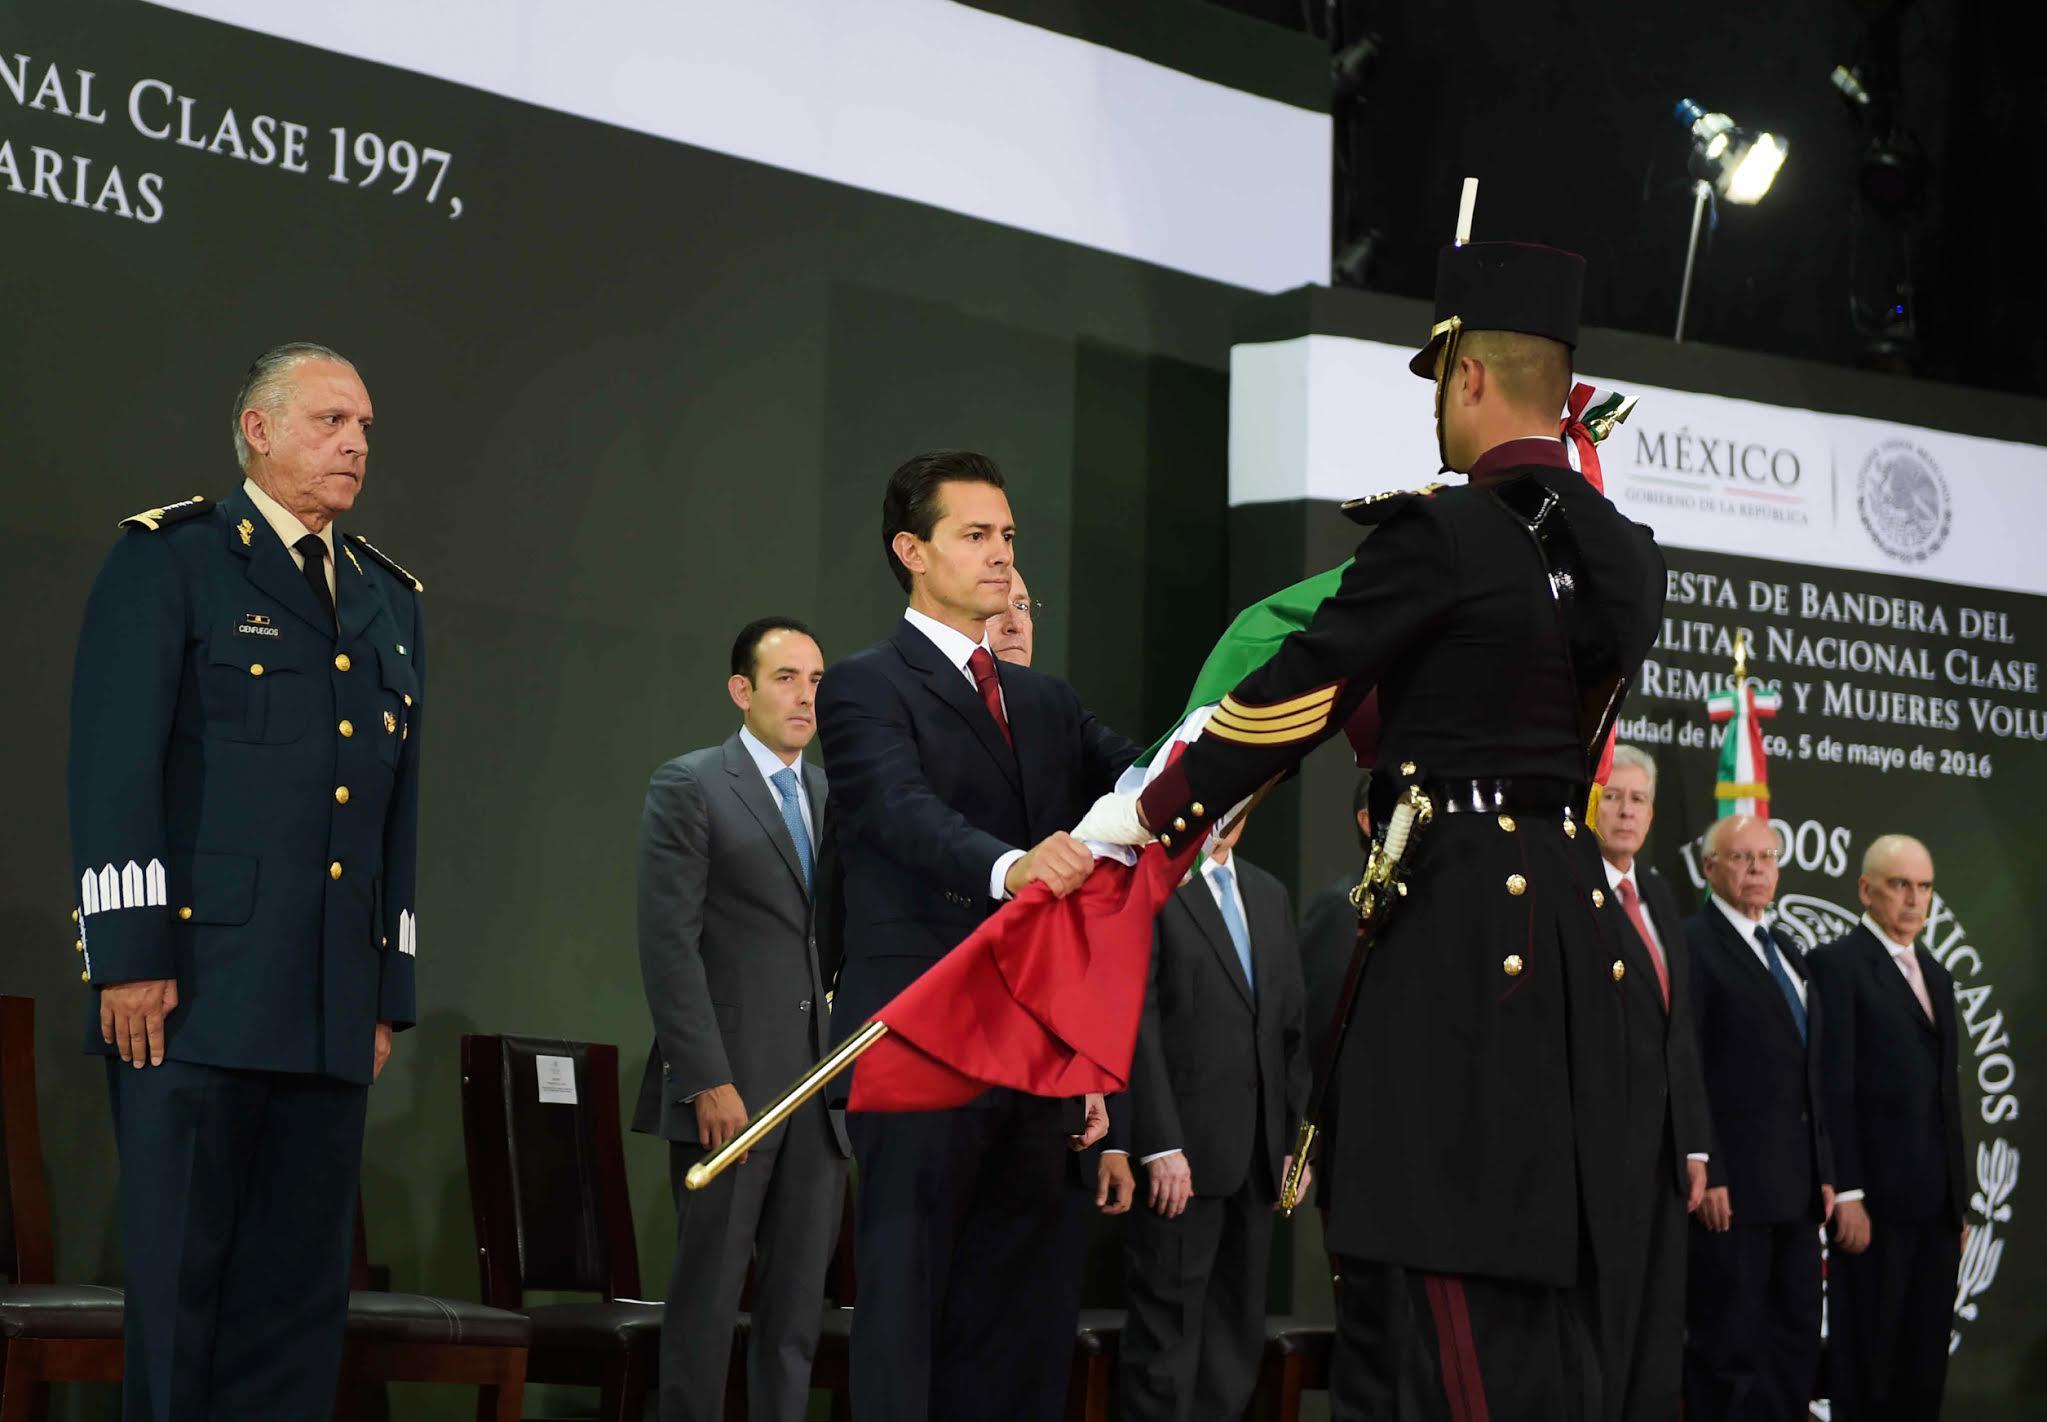 El Primer mandatario tomó la Protesta de Bandera a la clase 1997 del Servicio Militar Nacional.